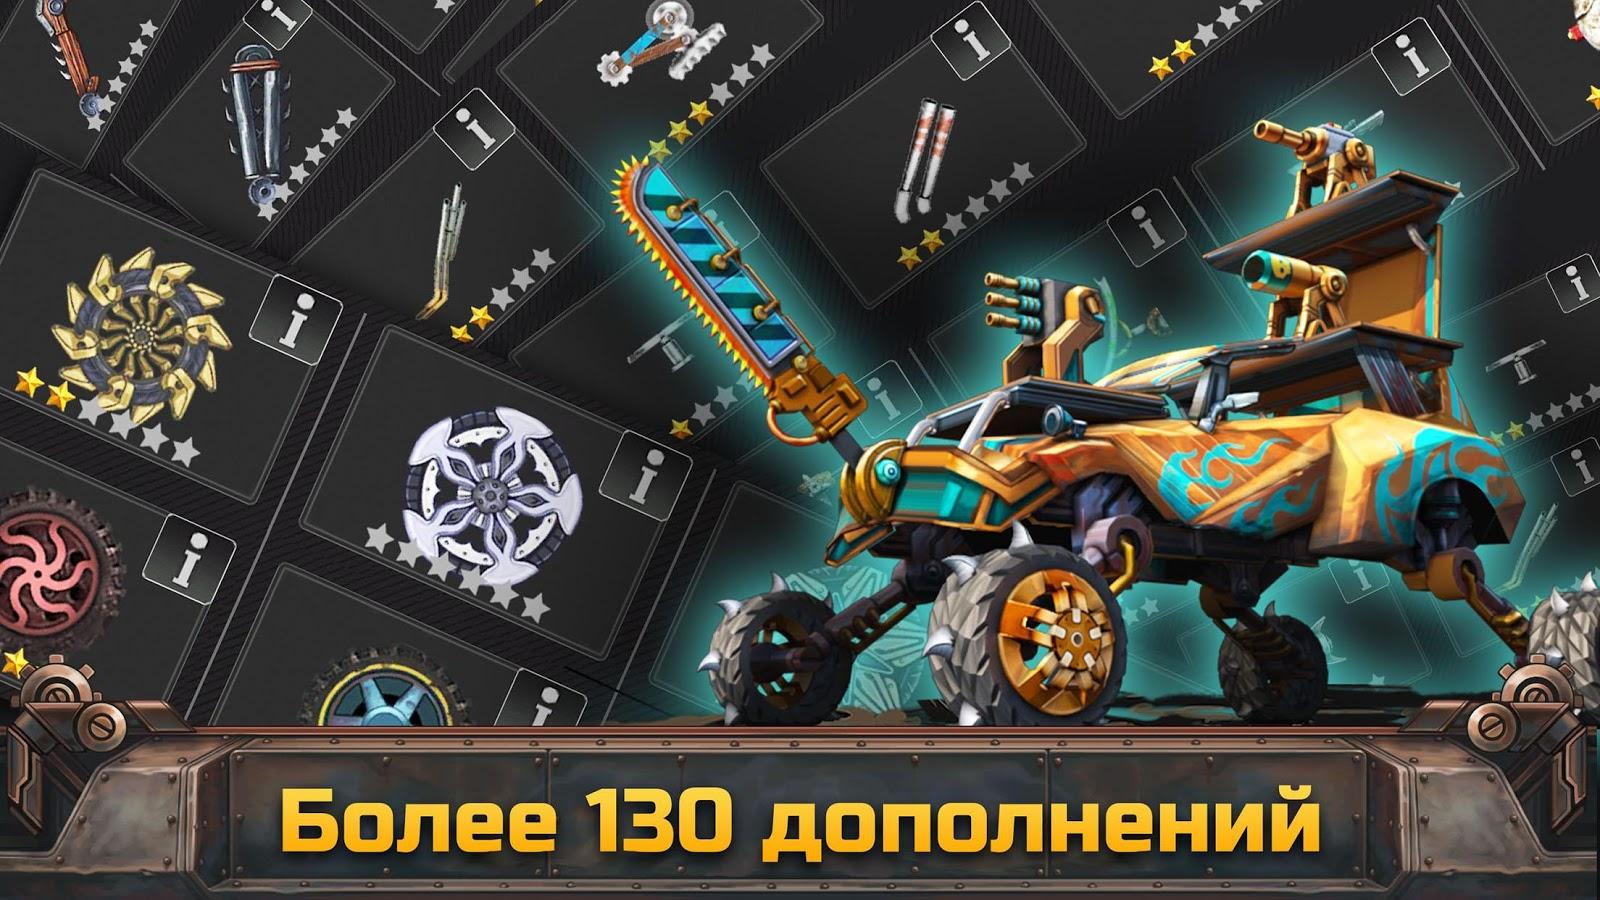 Игры стрелялки онлайн бесплатно без регистрации на машинах играть в игры онлайн бесплатно новый год